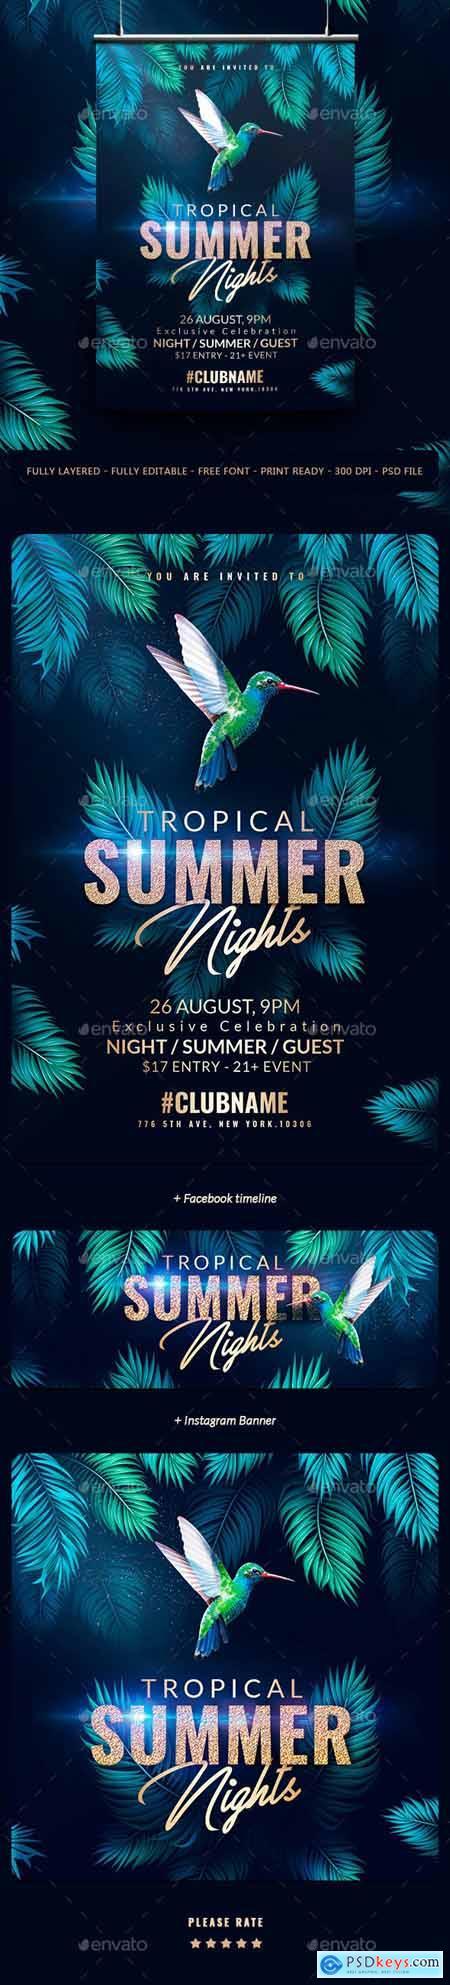 Tropical Summer Flyer Template 24226854